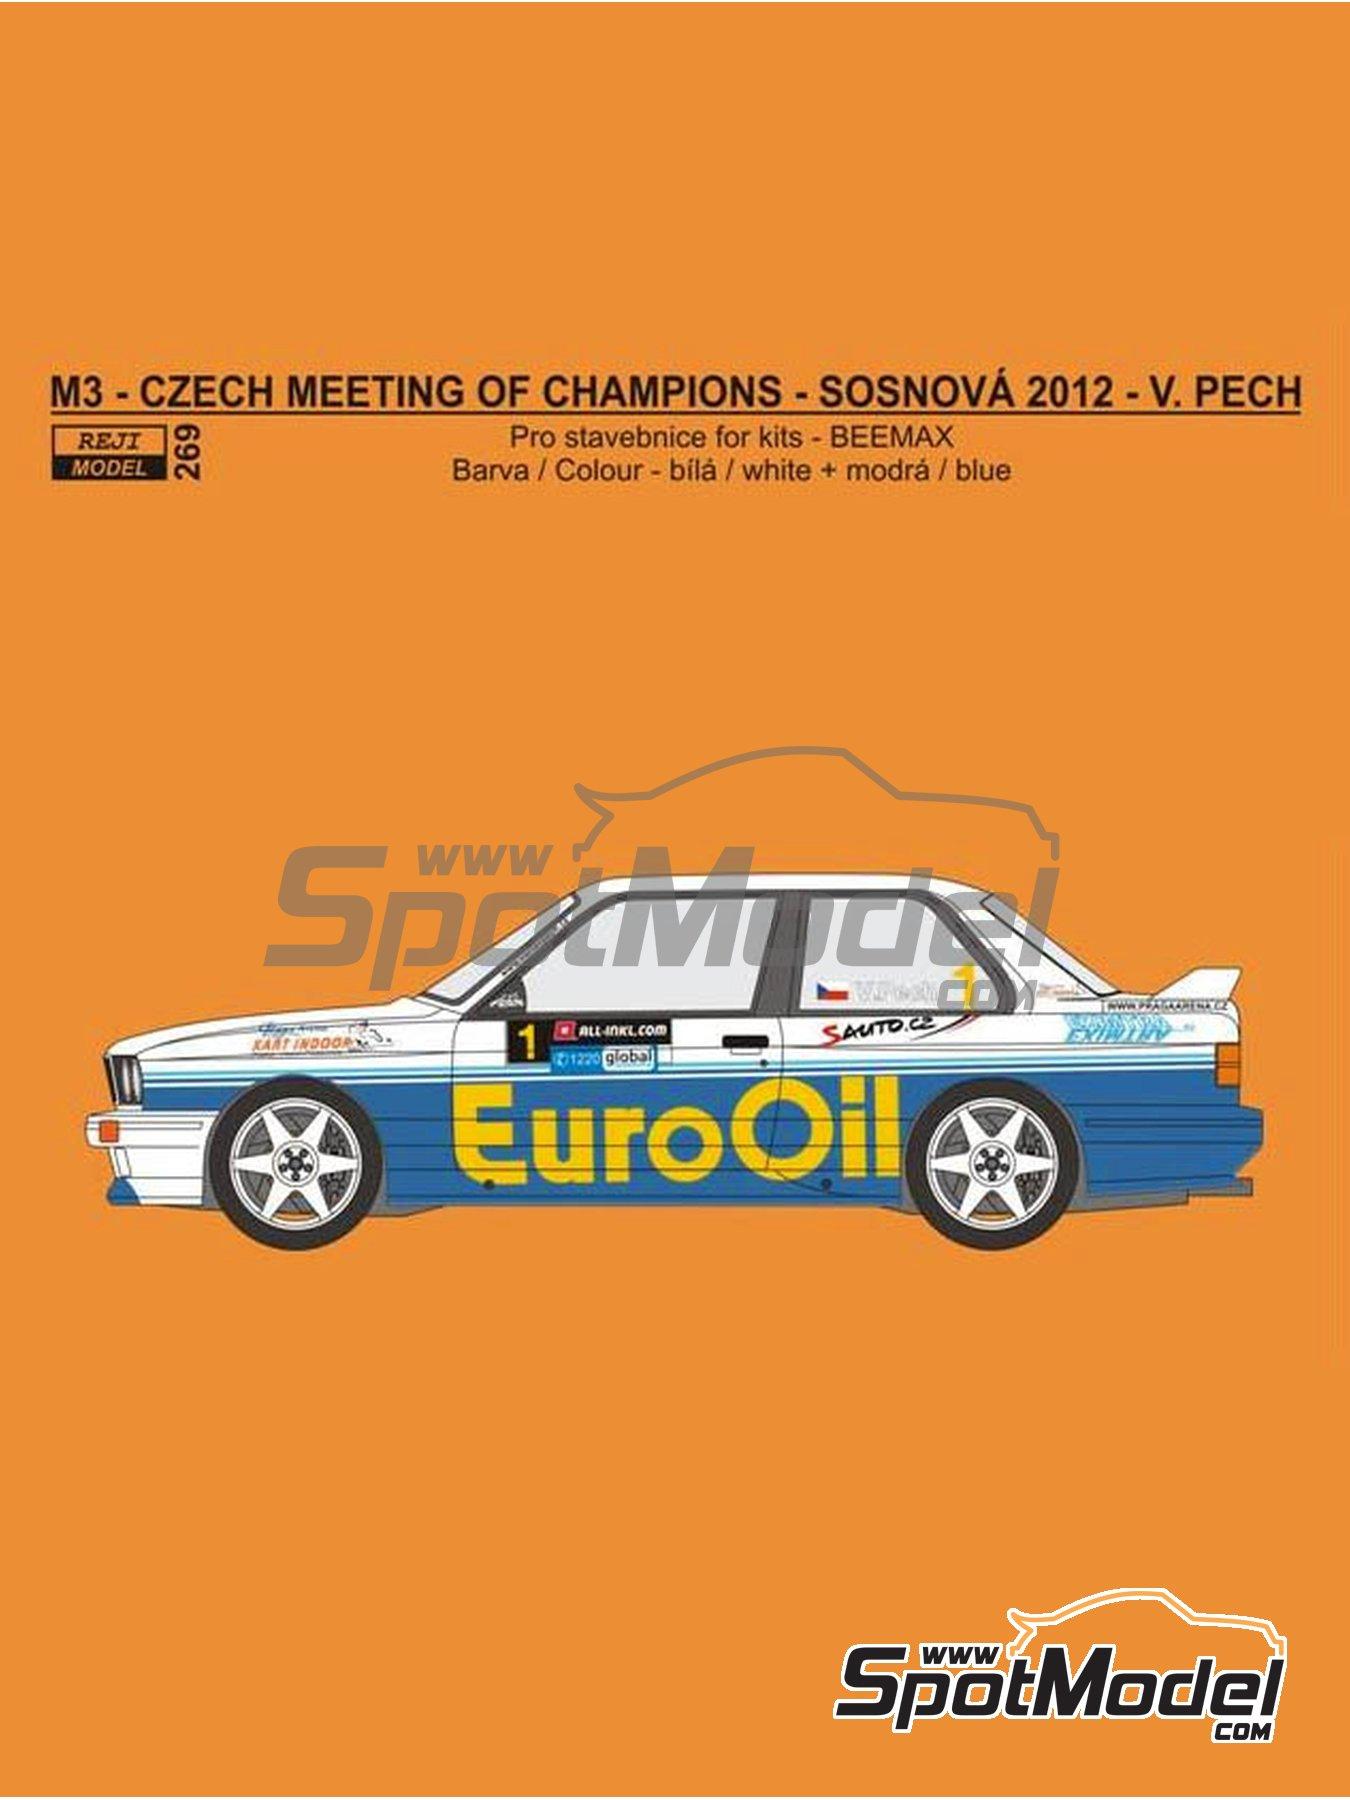 BMW M3 E30 - Encuentro de Campeones en el autódromo de Sosnová 2012 | Decoración en escala1/24 fabricado por Reji Model (ref.REJI-269) image